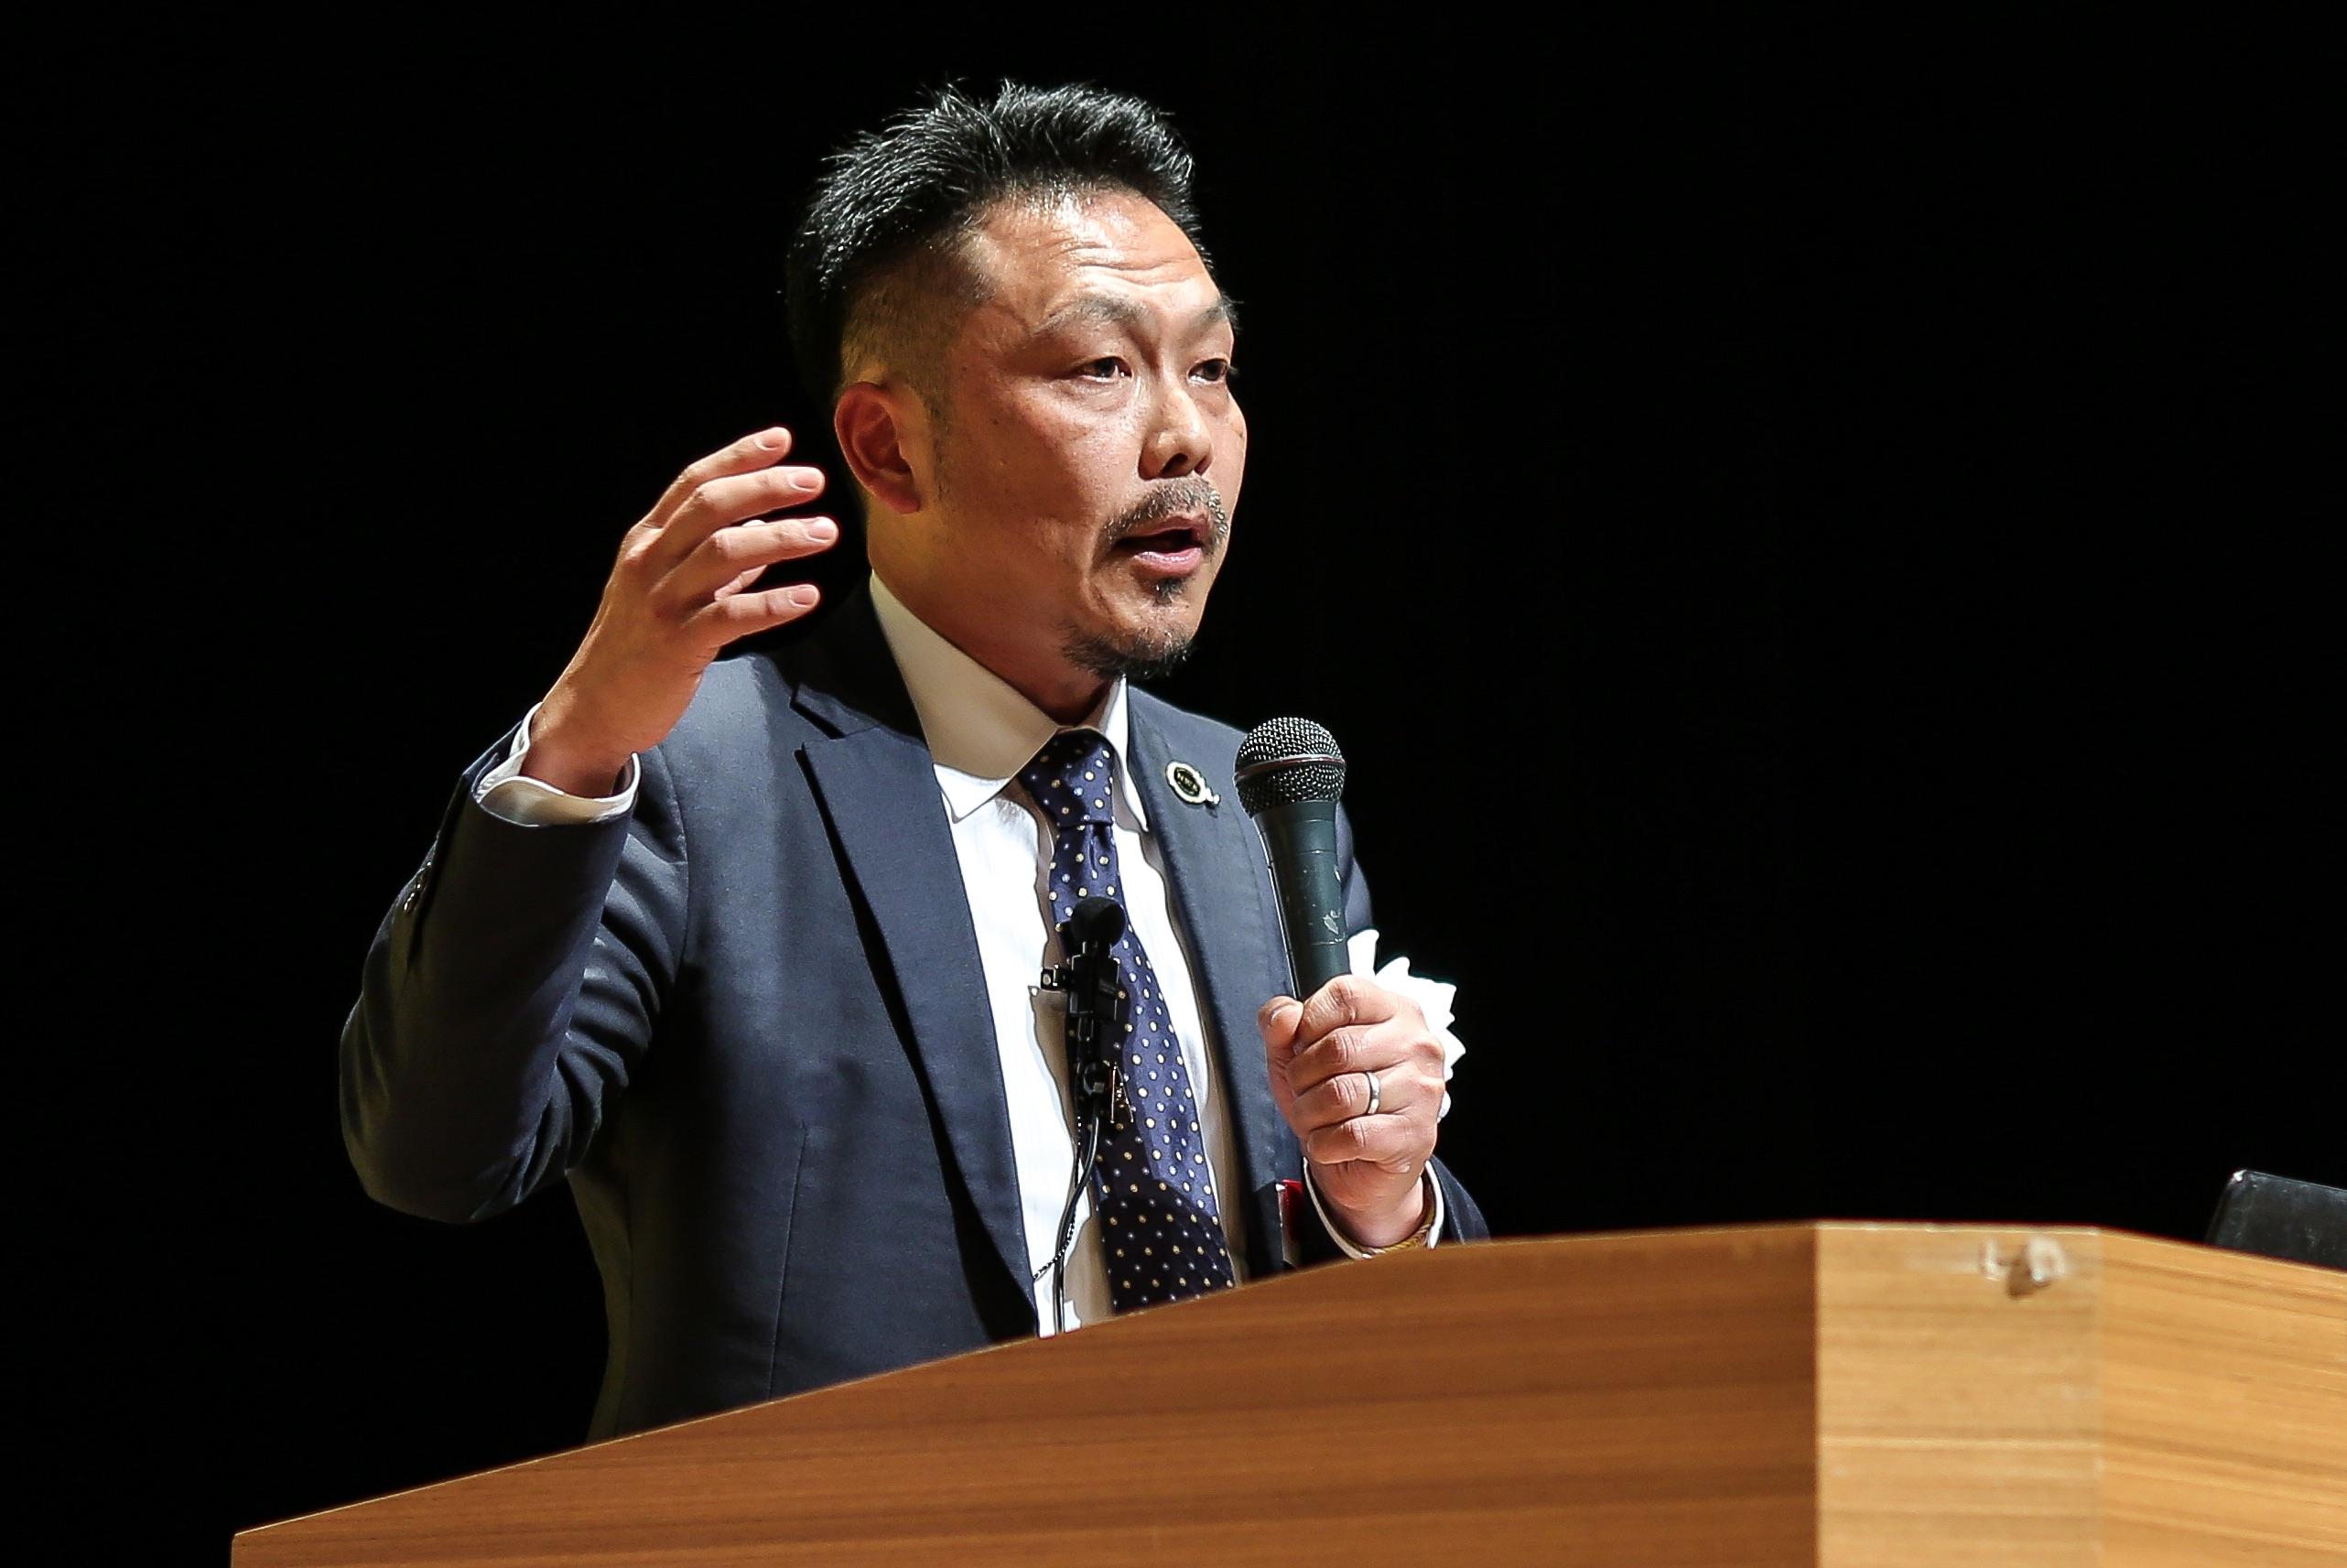 2018/3/30 若手向け講演「新入社員のつどい@豊洲」登壇のお知らせ